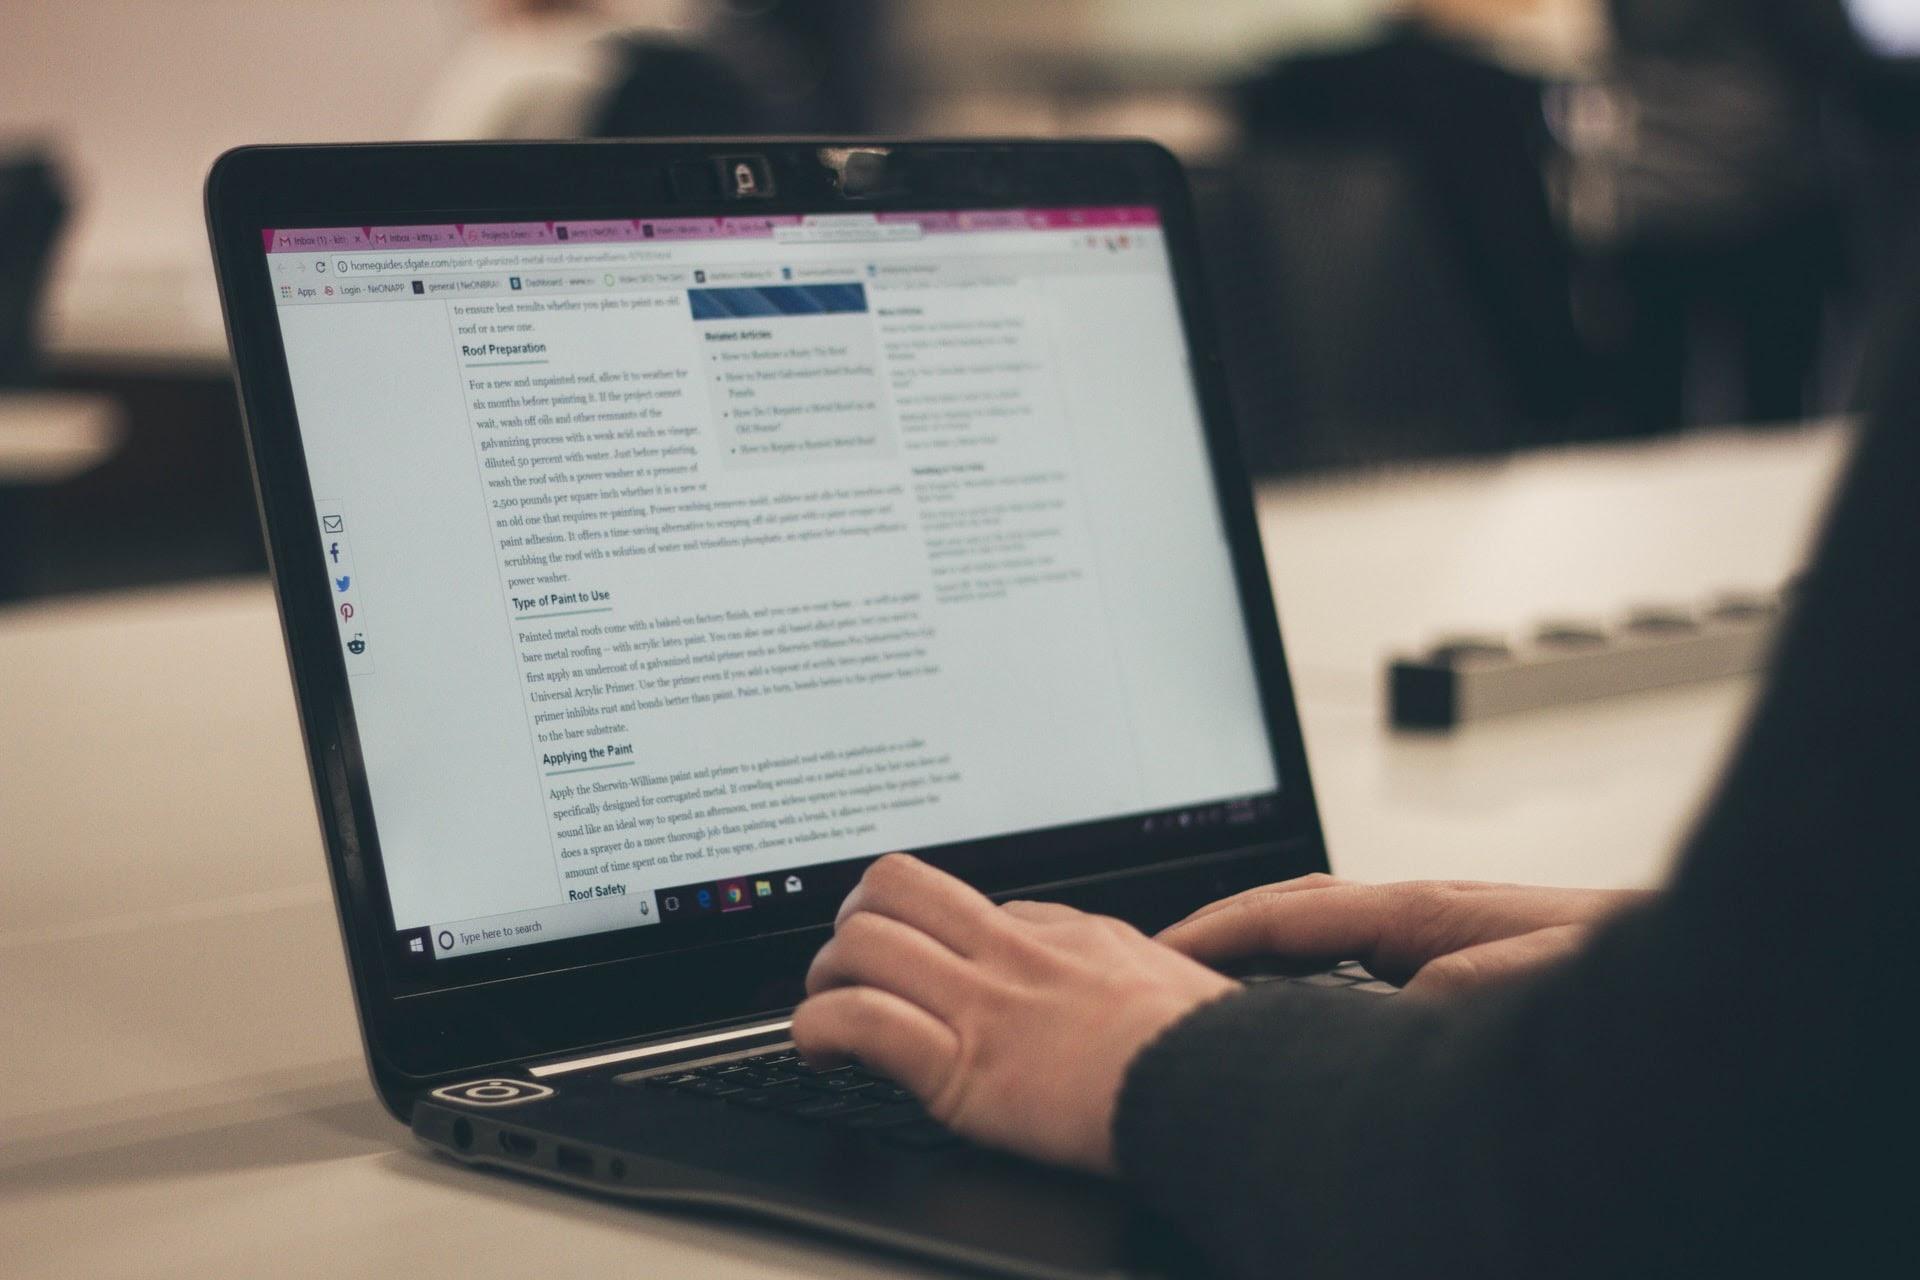 developers blogging - keypup